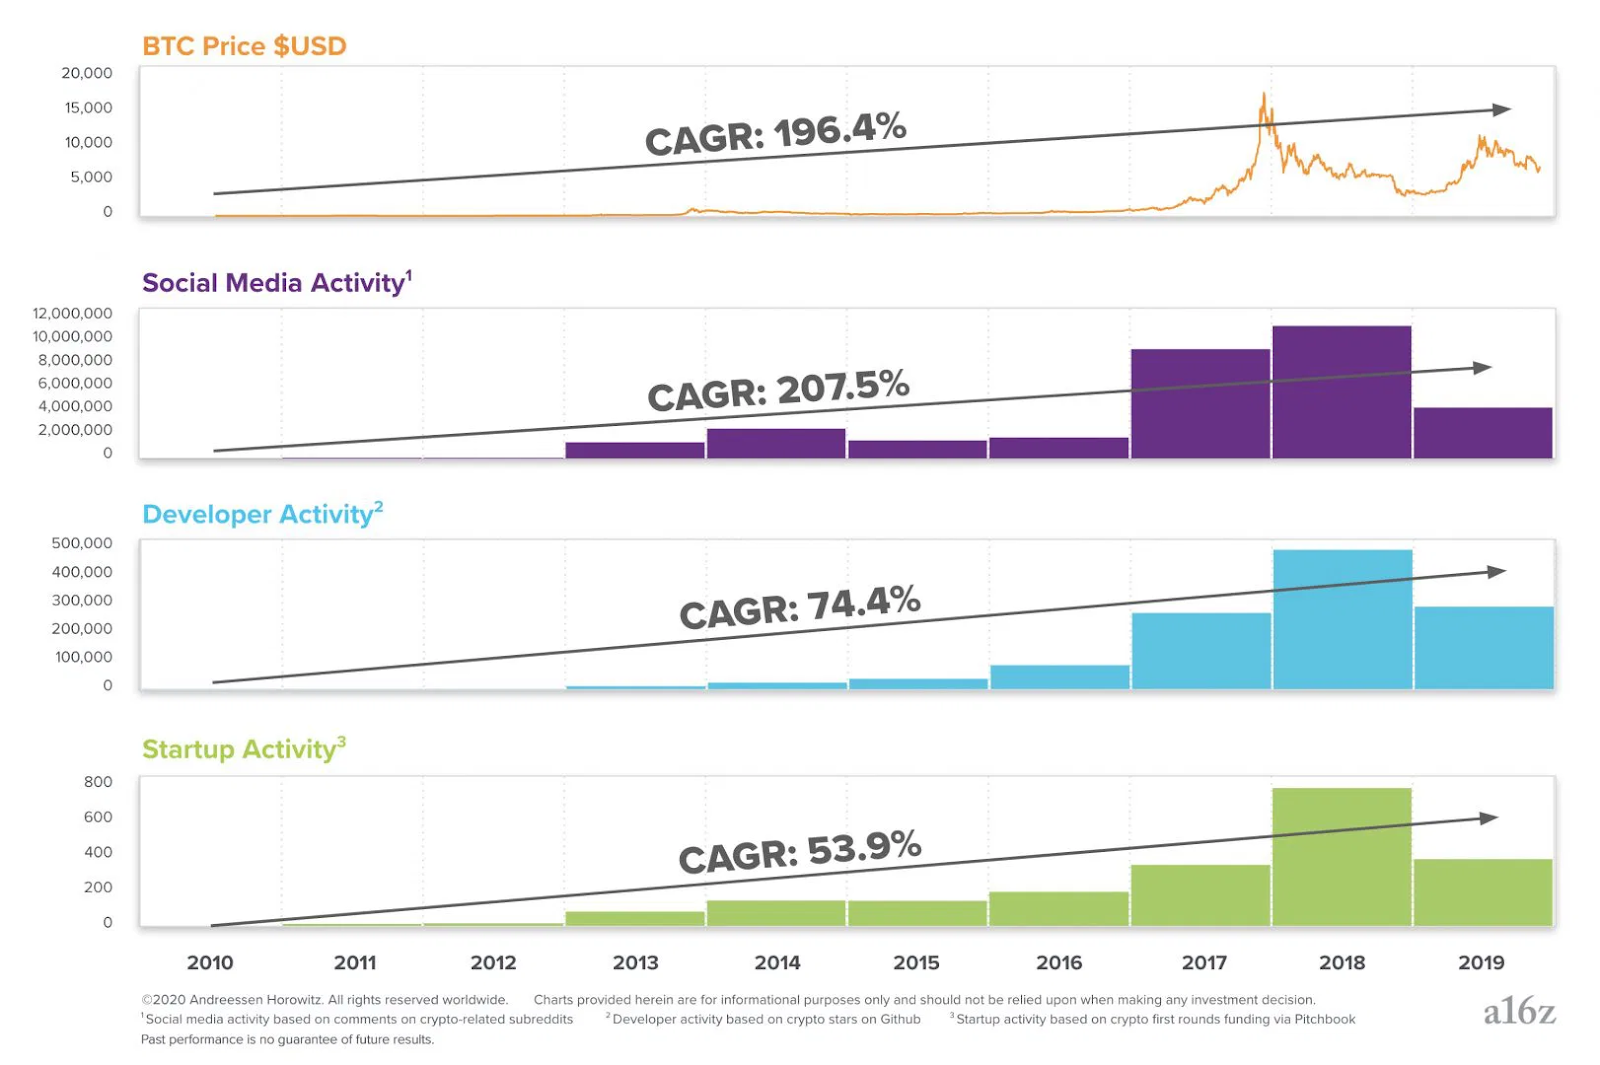 Crypto market cycle sumary